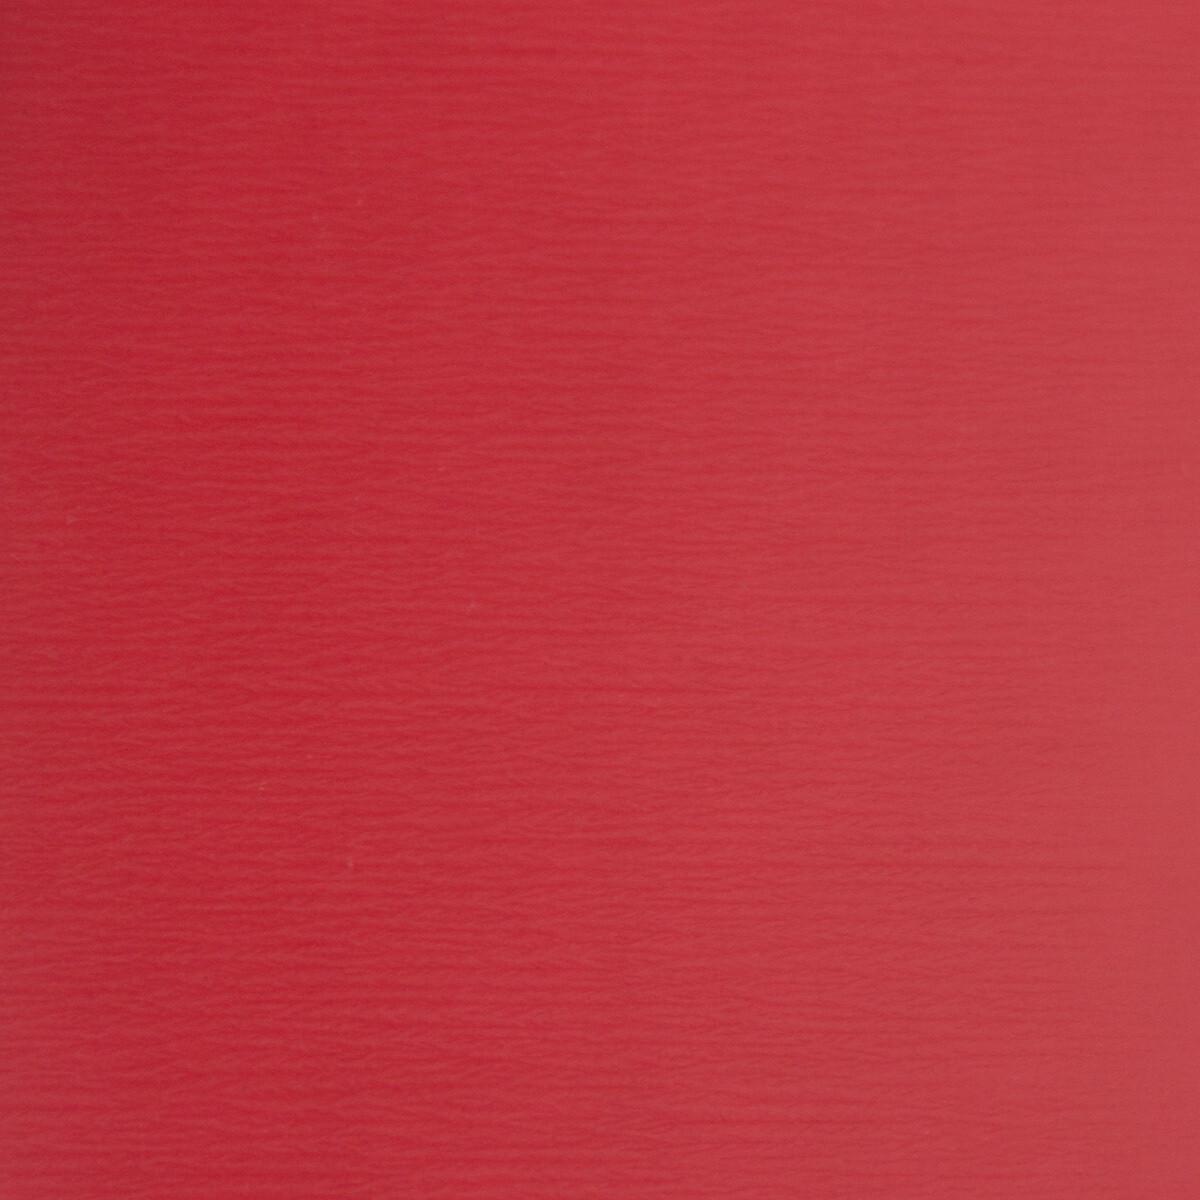 Red Hotmark Revolution HTV - Large Roll